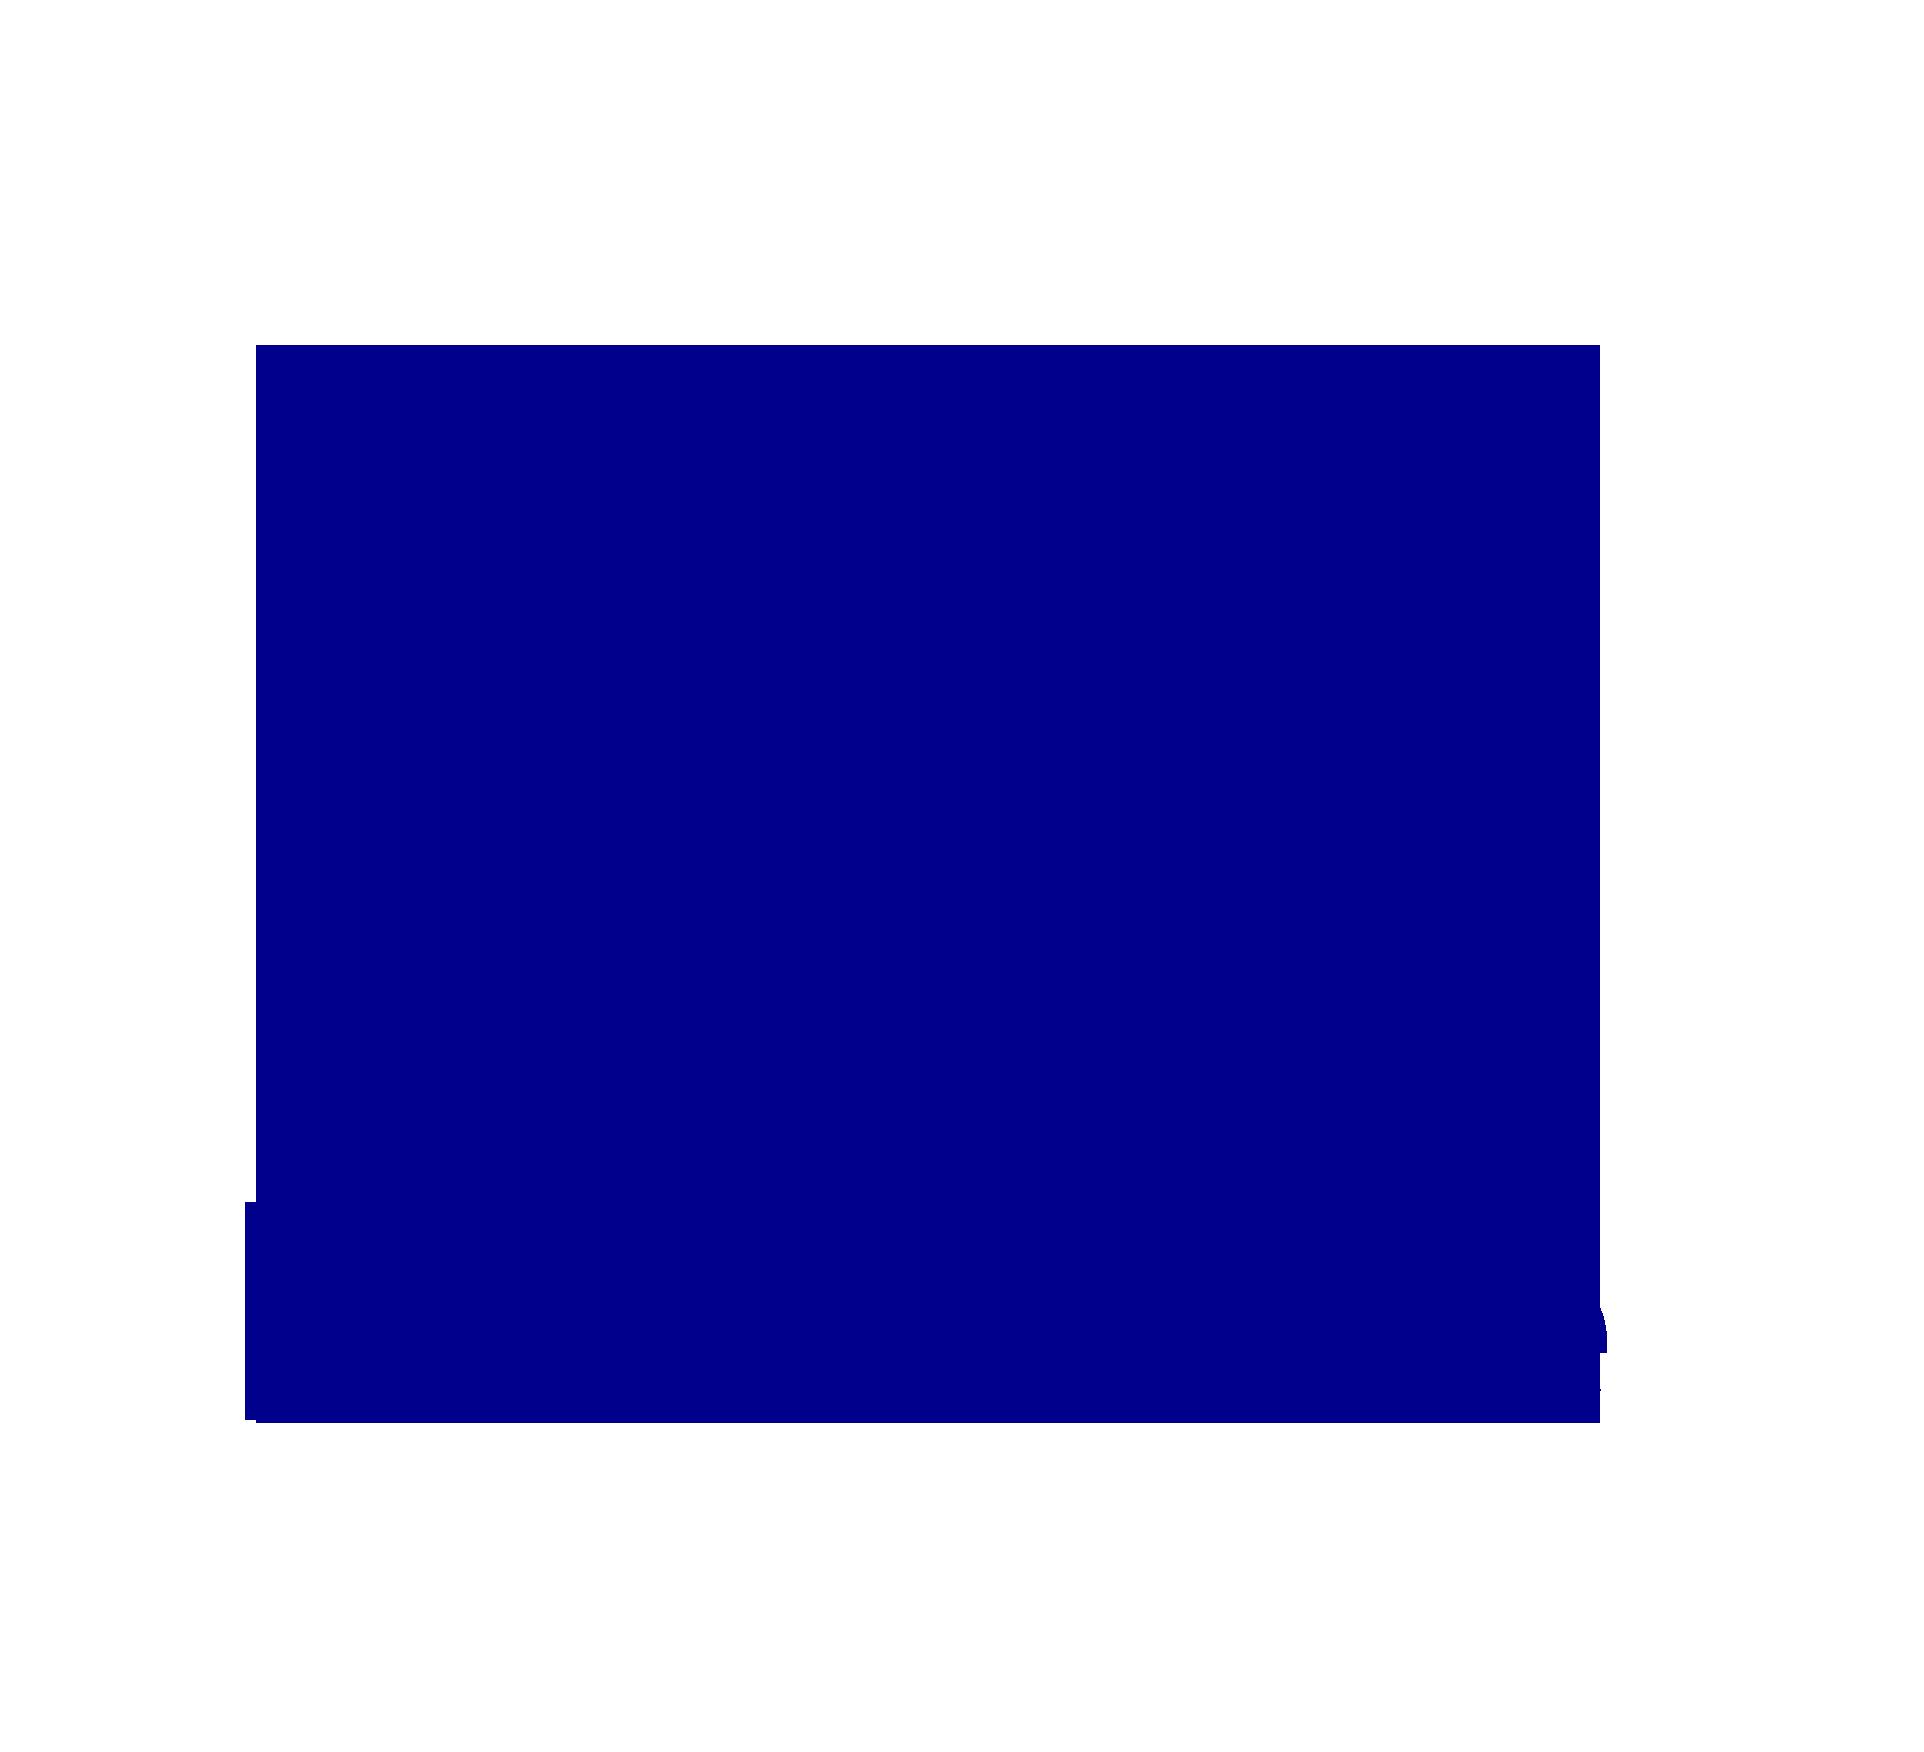 LTI_Lets_solve_logo_png-1